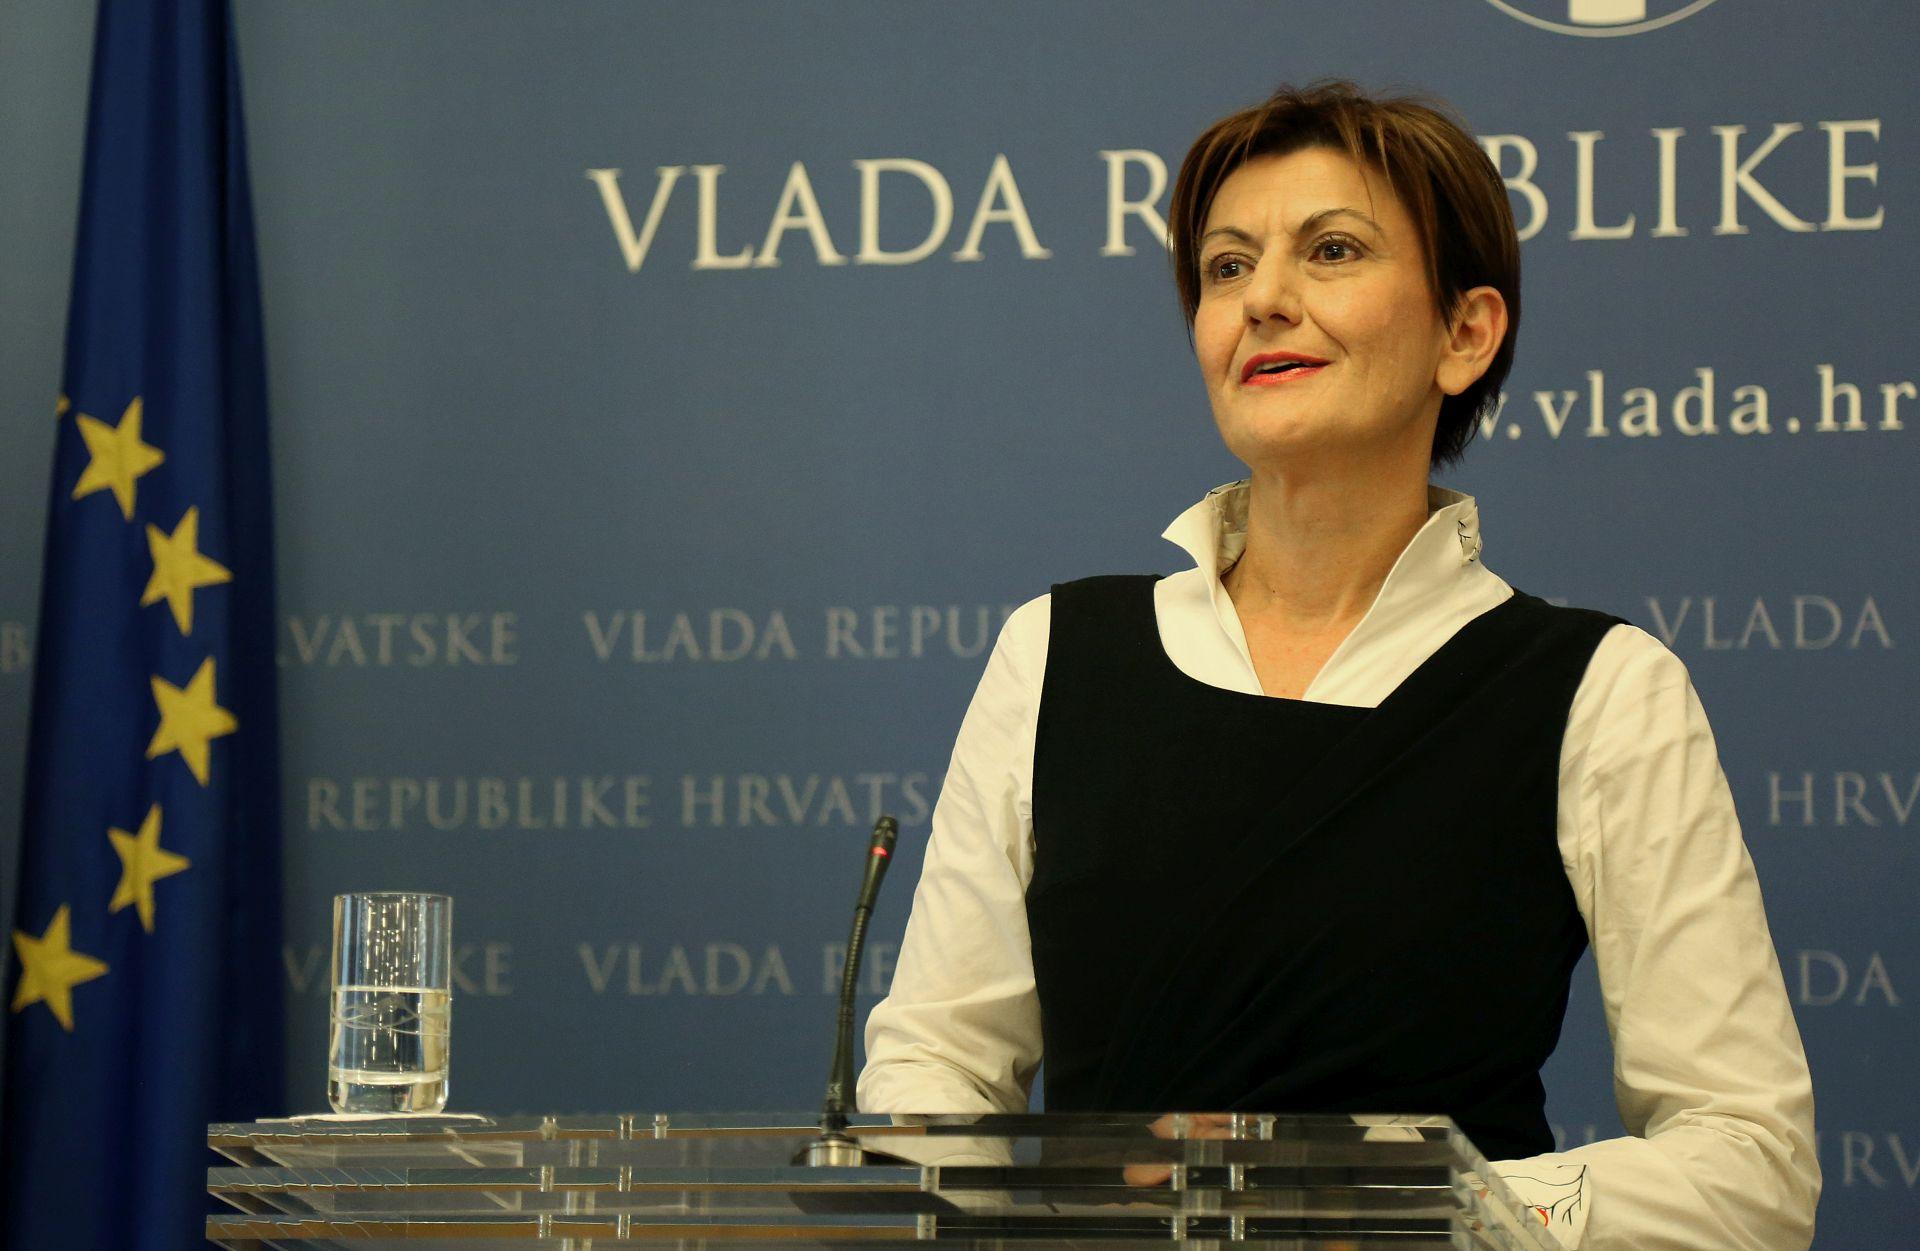 DALIĆ Gospodarstvo Sisačko-moslavačke županije može naprijed